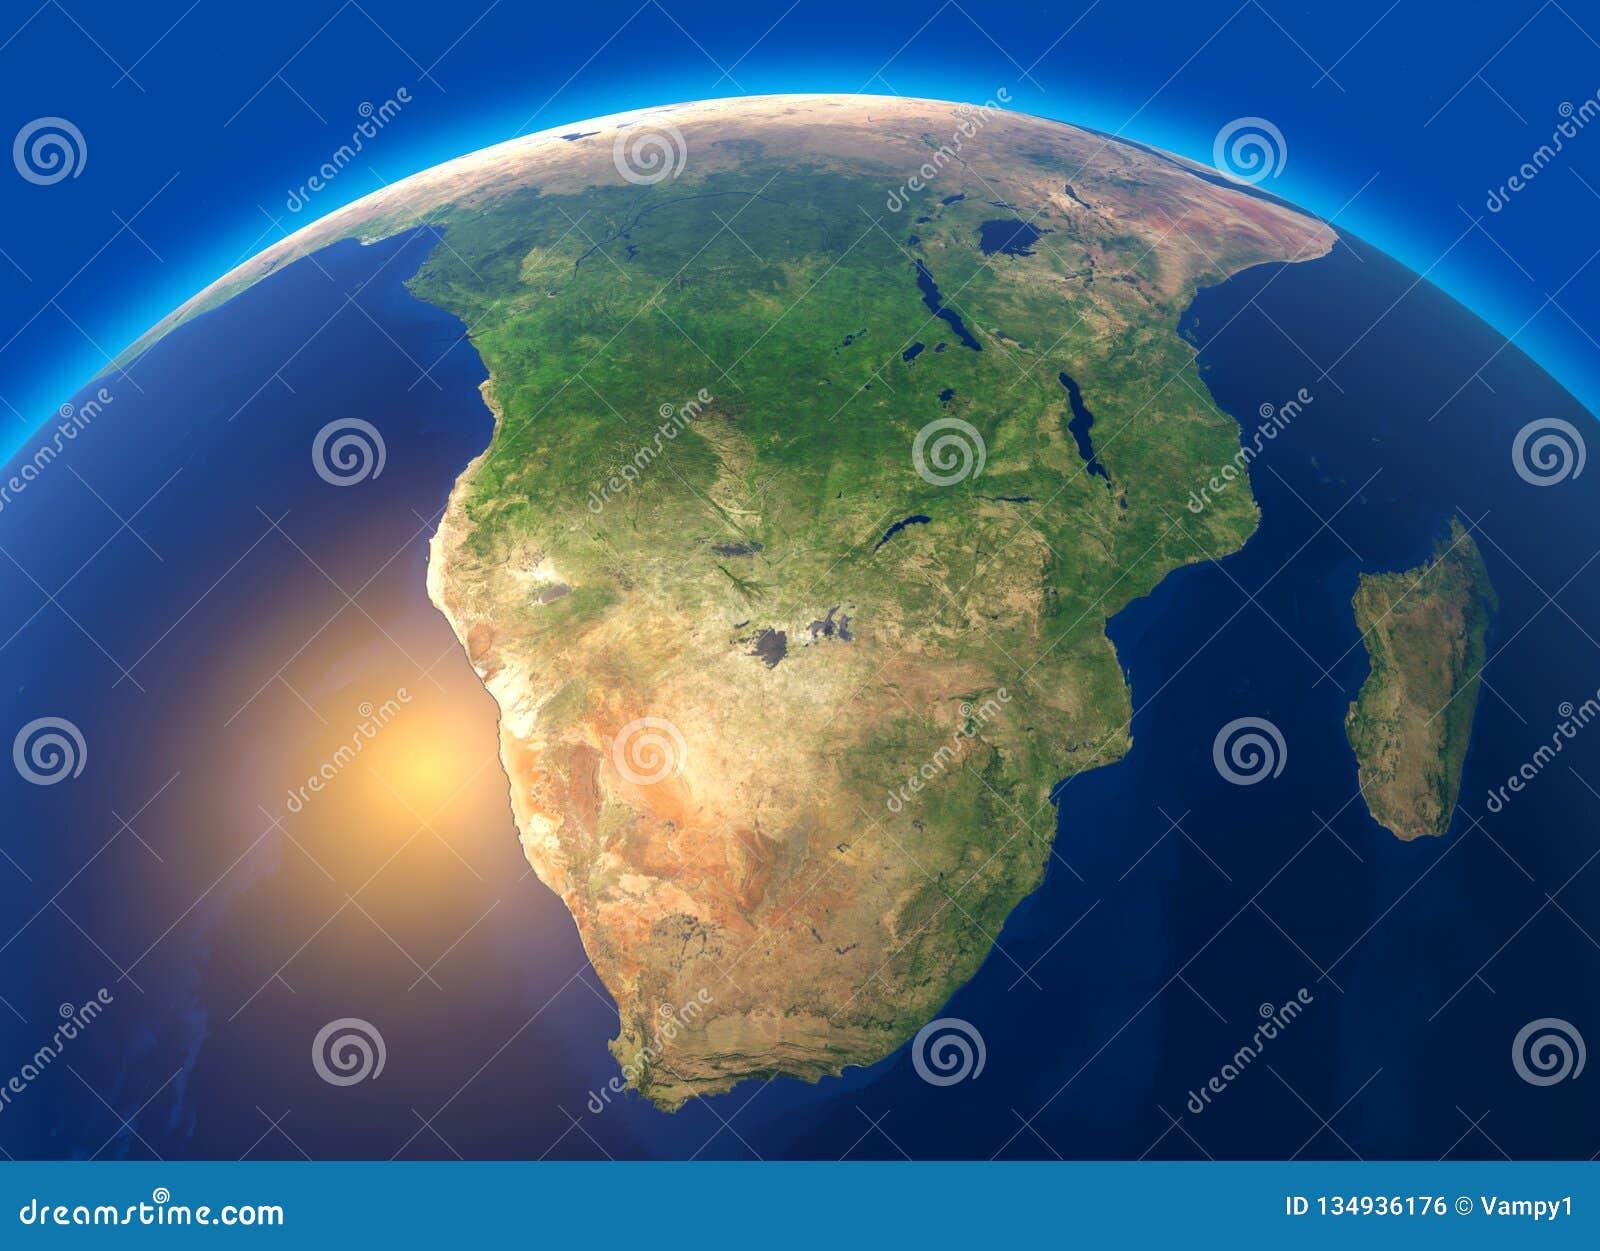 Carte Satellite Afrique Du Sud.Carte Physique Du Monde Vue Satellite De L Afrique Du Sud